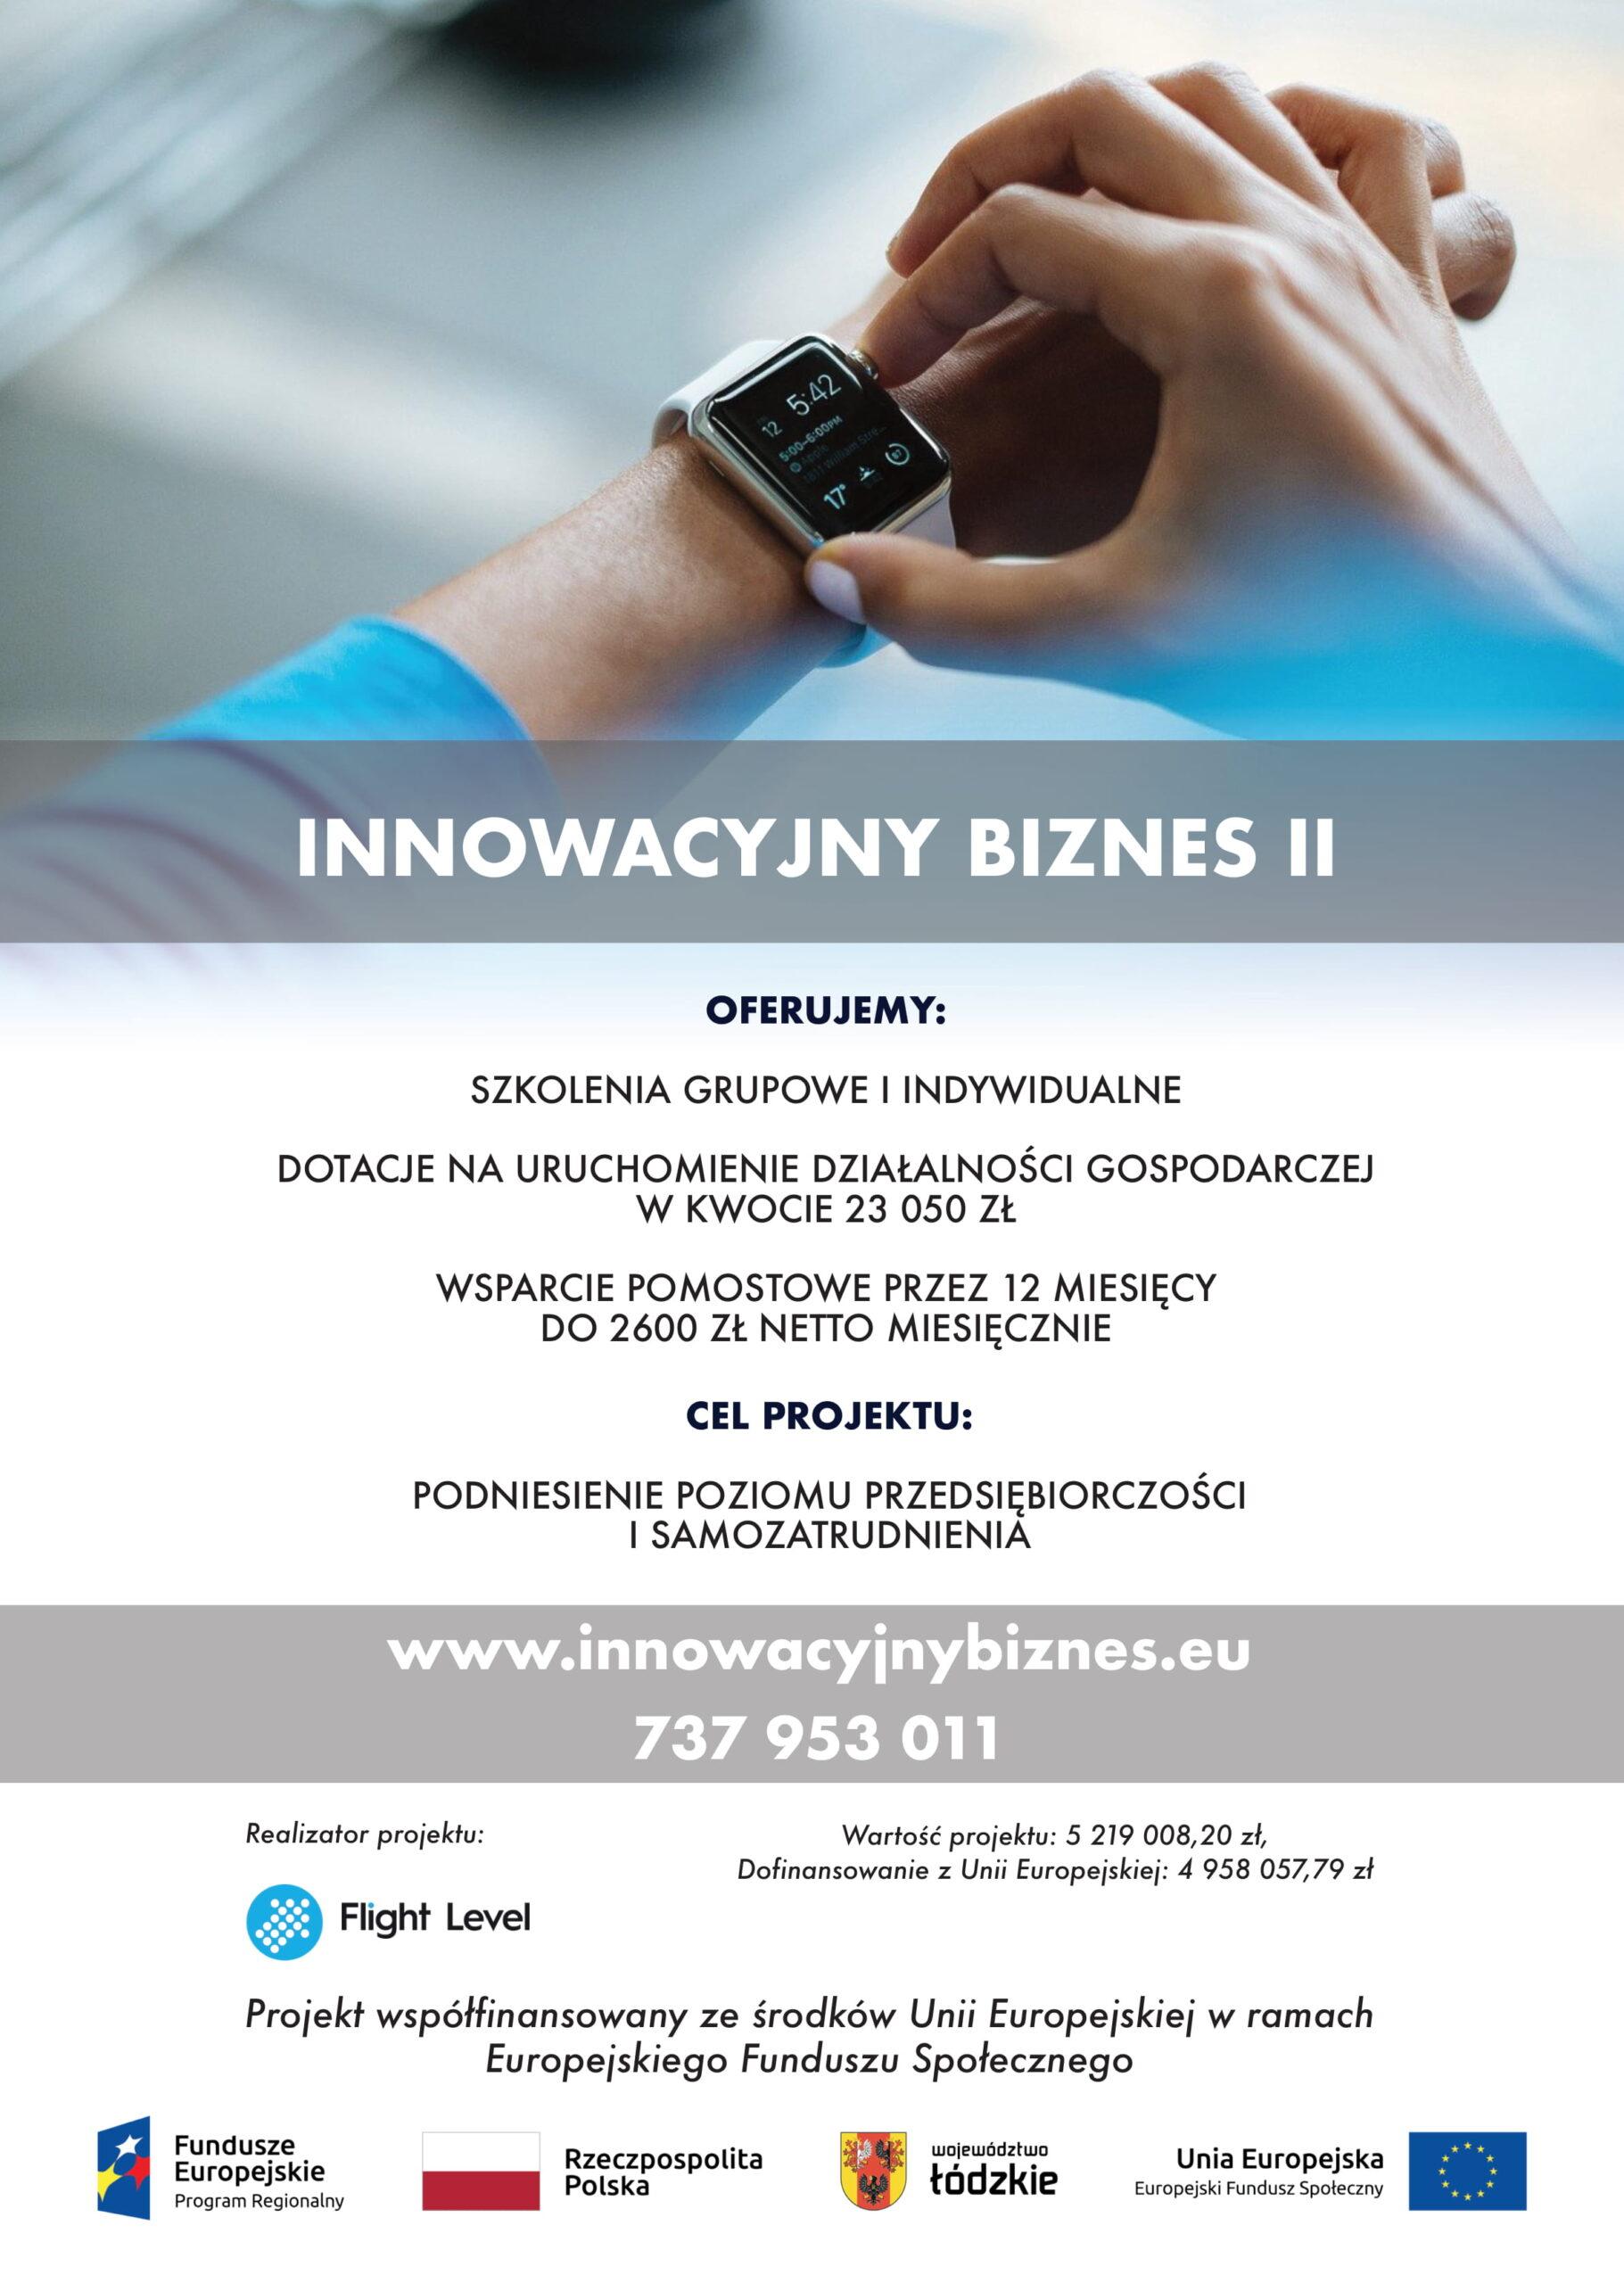 plakat innowacyjny biznes II 1 scaled - Strona główna